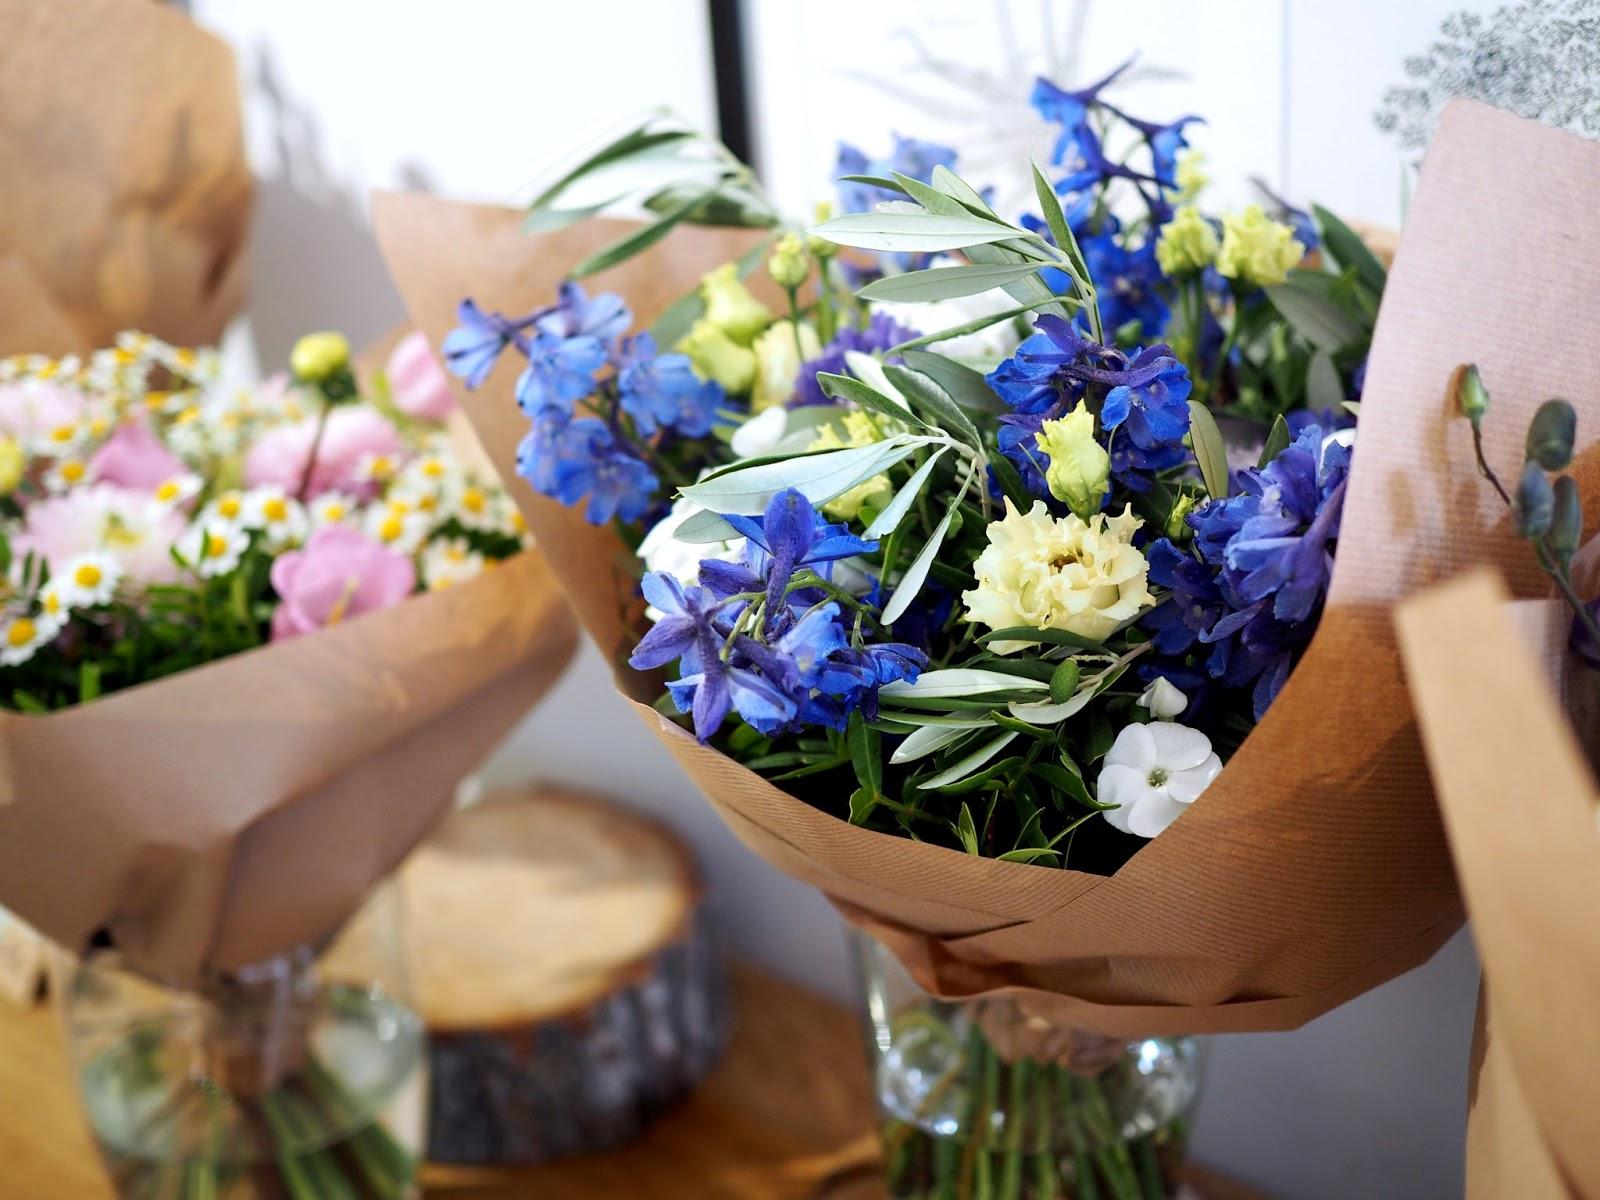 kafe kytka květinářství kavárna liberec